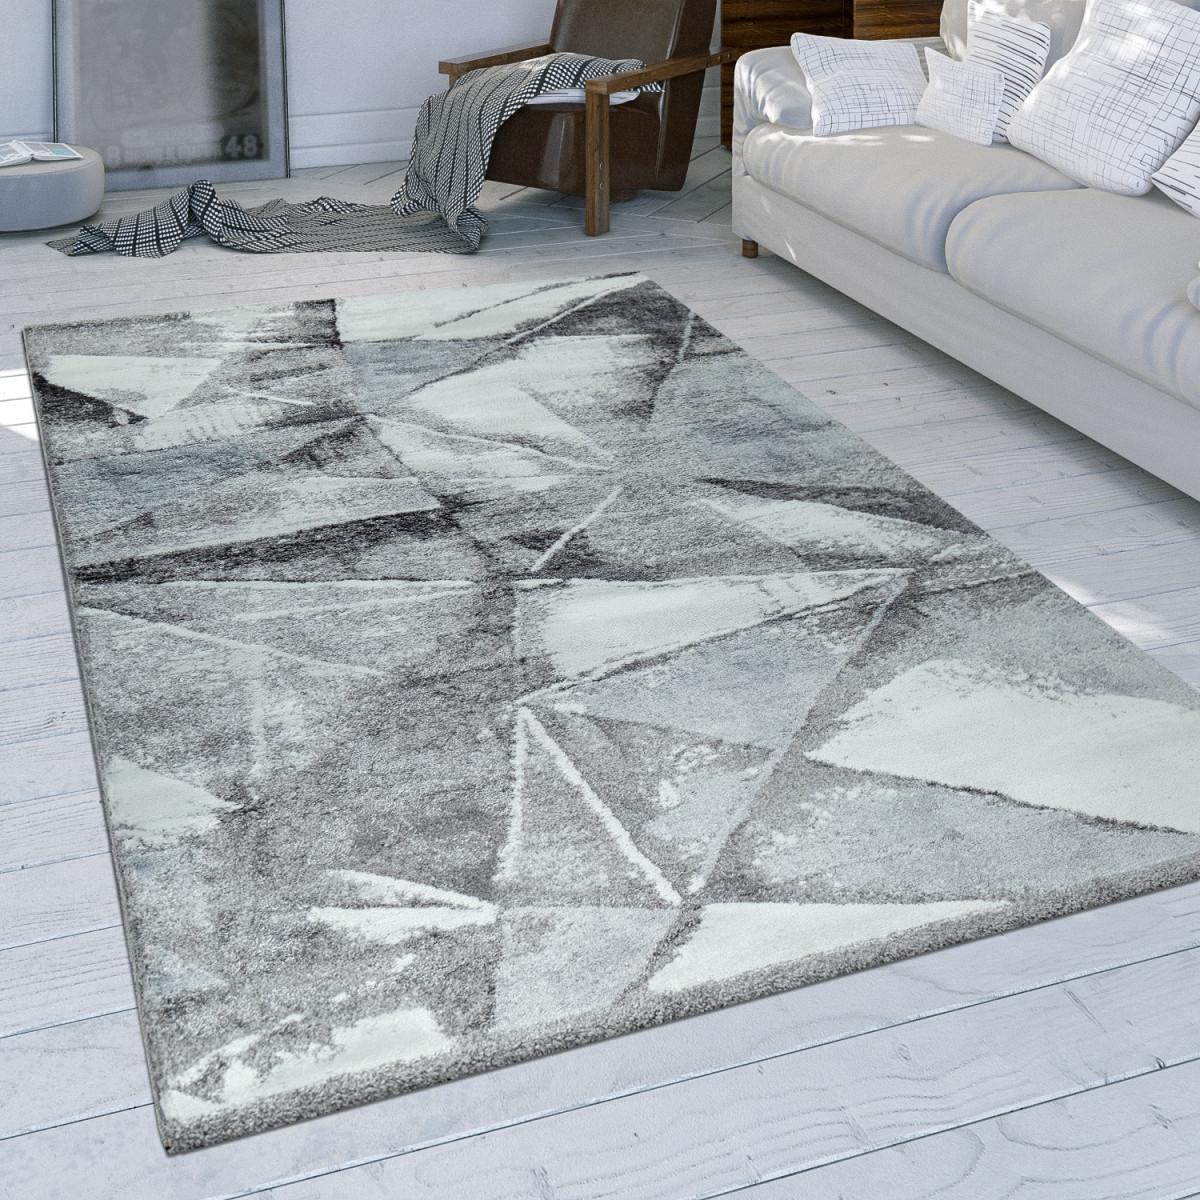 Wohnzimmer Teppich Grau Used Design Dreieck Muster Strapazierfähig Kurzflor von Strapazierfähiger Teppich Wohnzimmer Photo